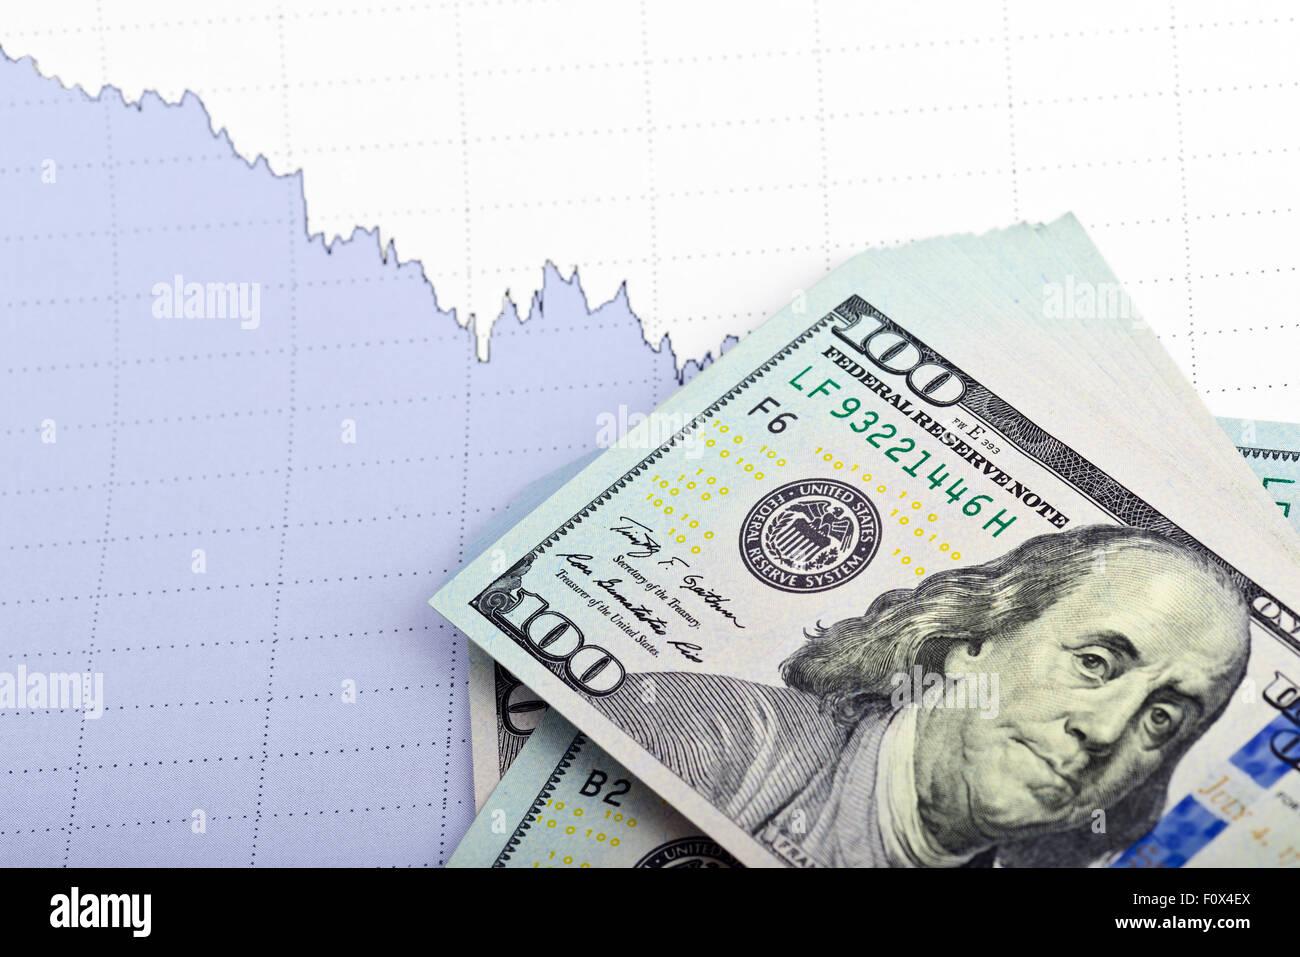 Il concetto di business. Cumulo di fatture del dollaro sulla carta con uno sfondo grafico di business Immagini Stock